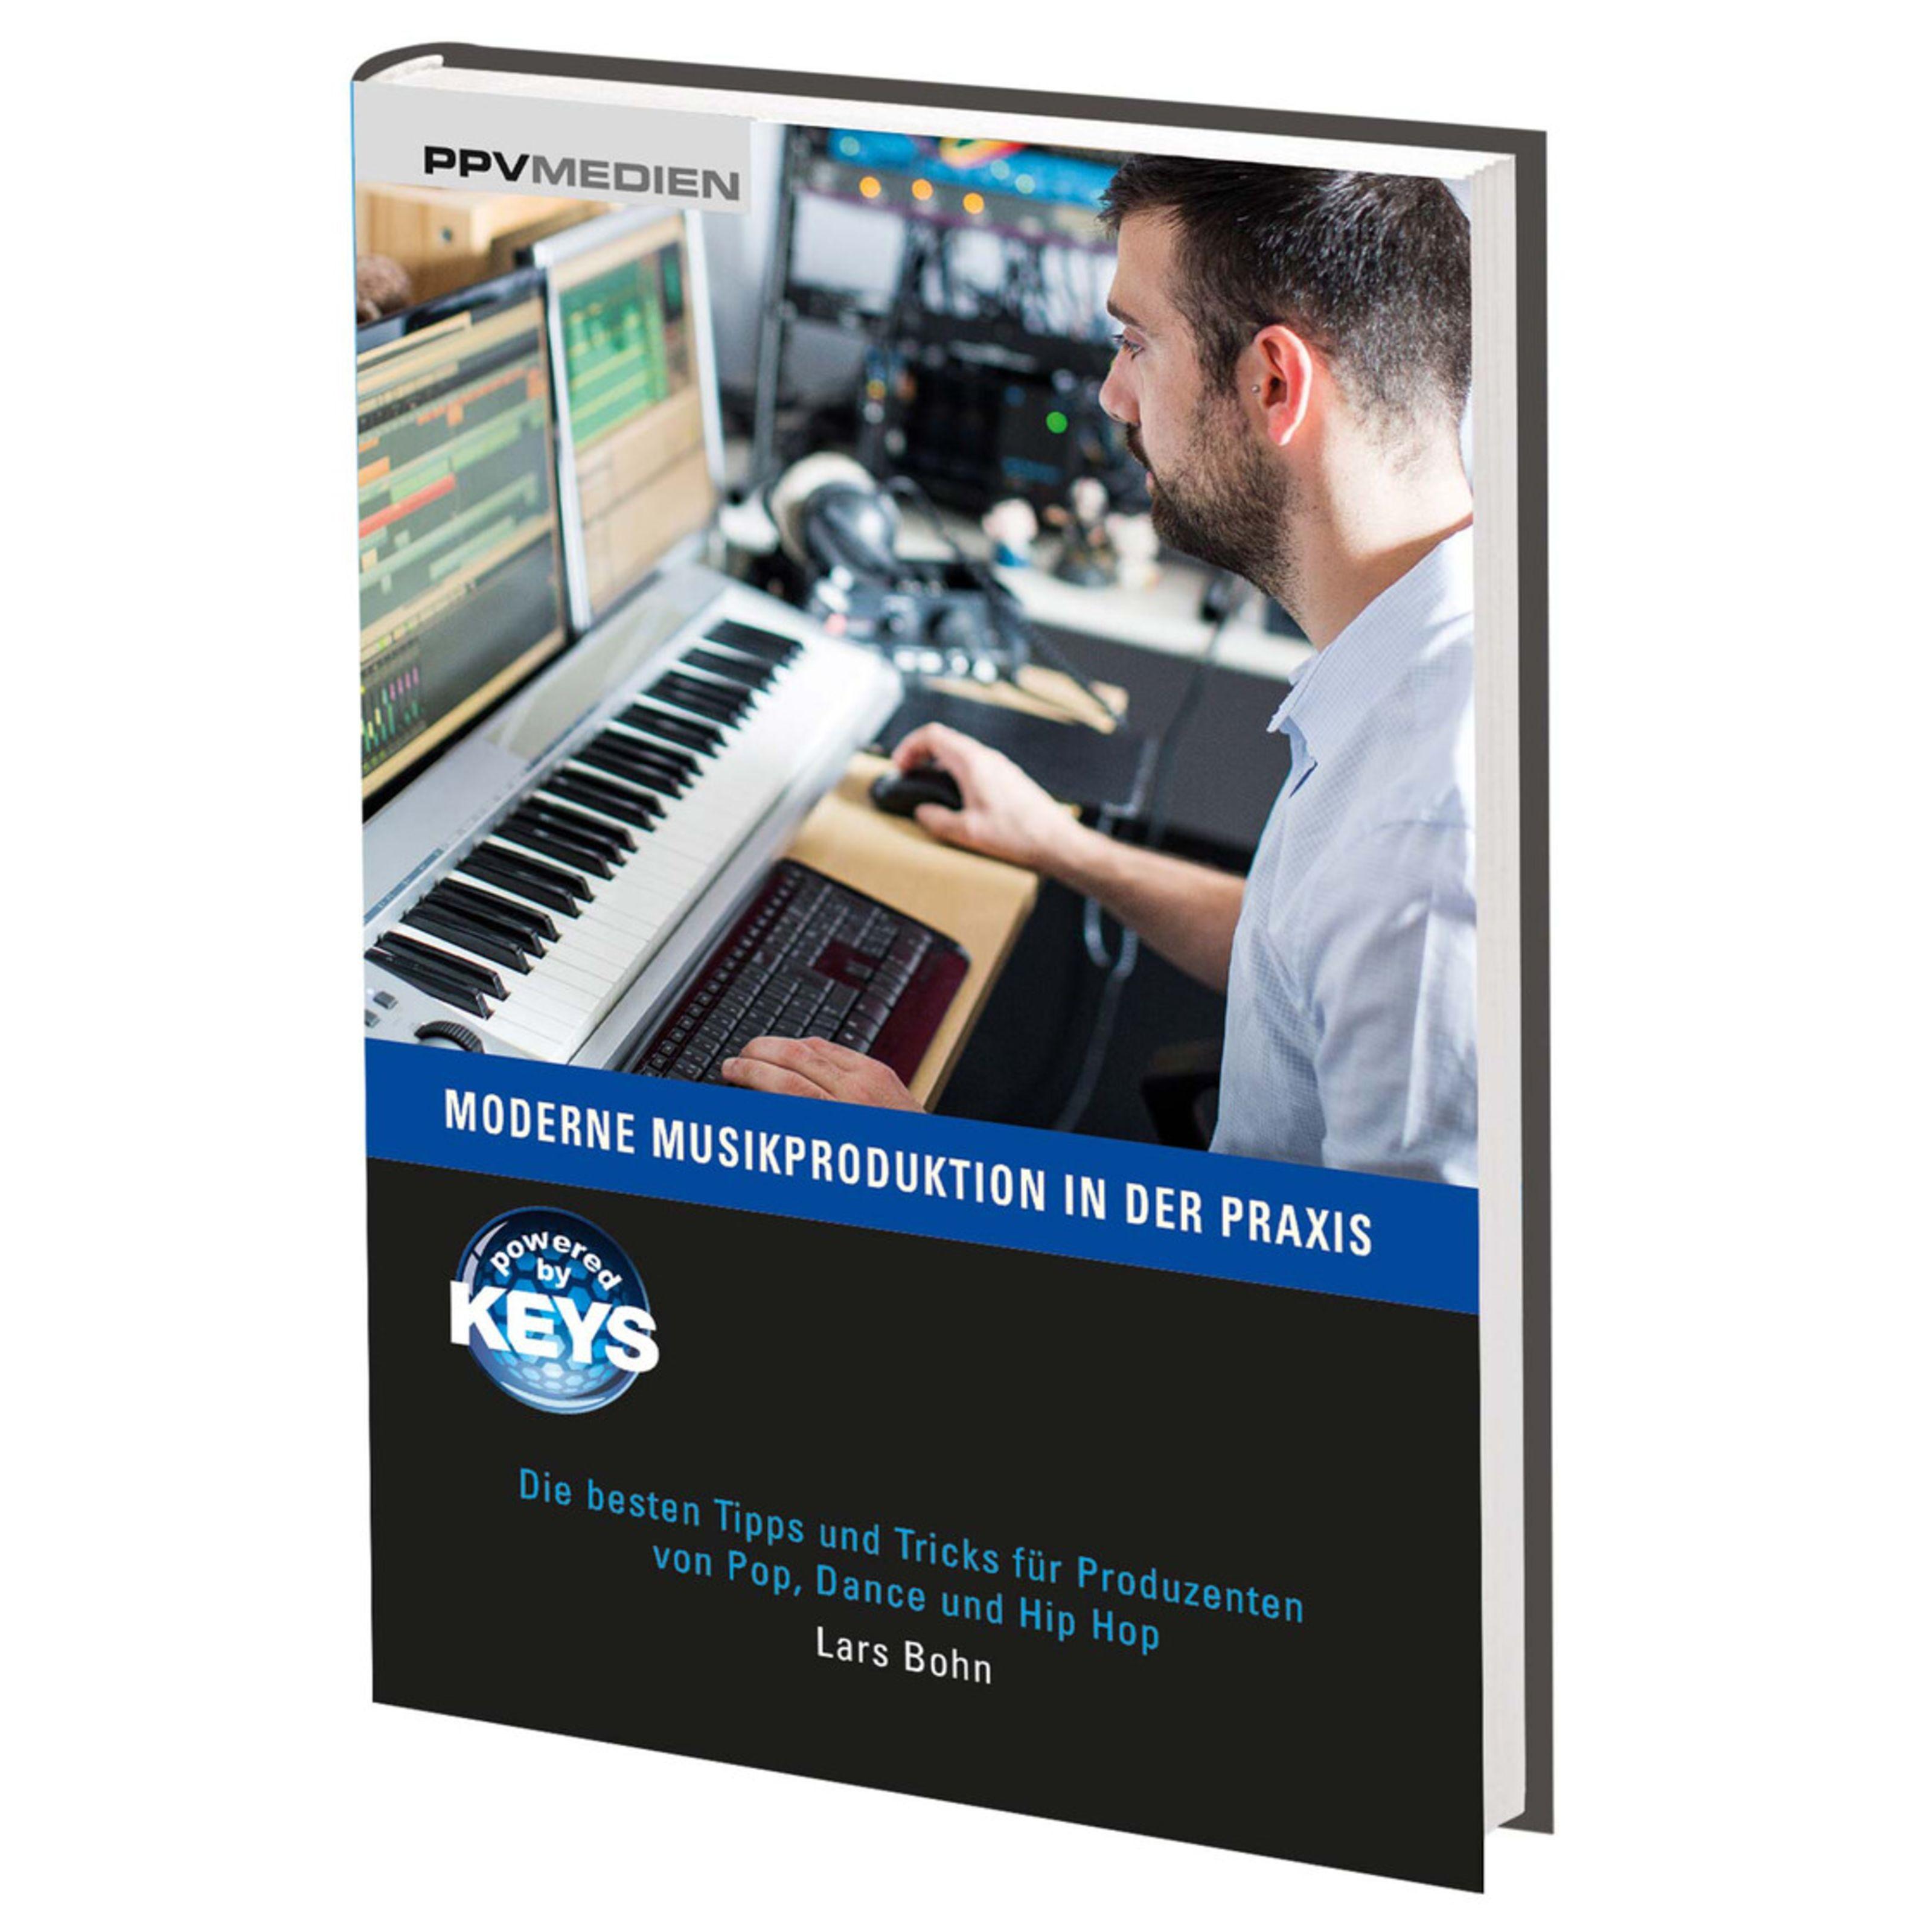 PPV Medien - Moderne Musikproduktion in der Praxis 20047421